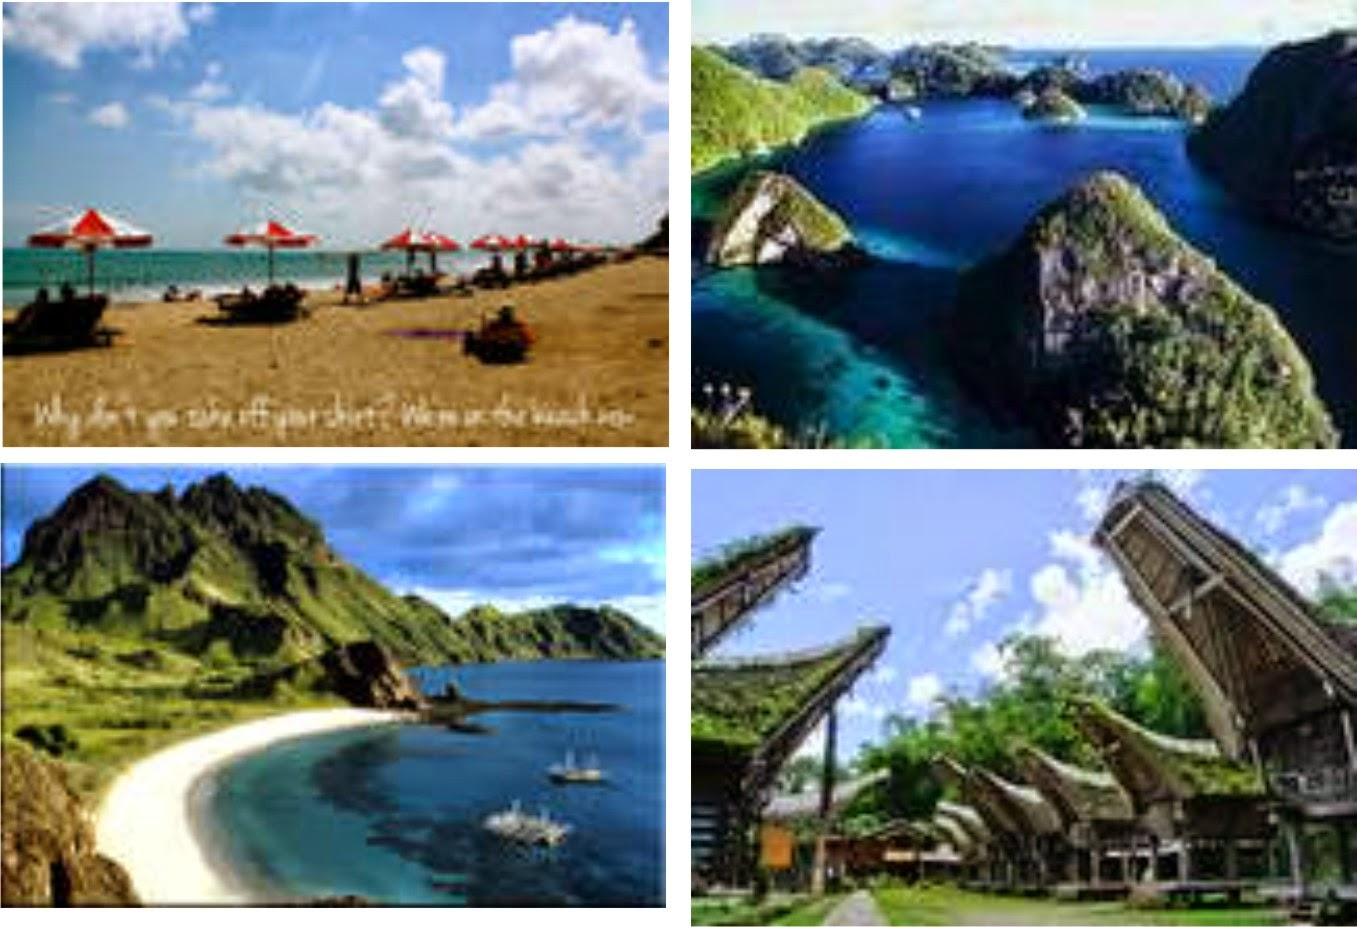 tempat-wisata-di-indonesia-yang-indah-tempat-wisata-di-indonesia-yang-murah-2679-SAM.JPG